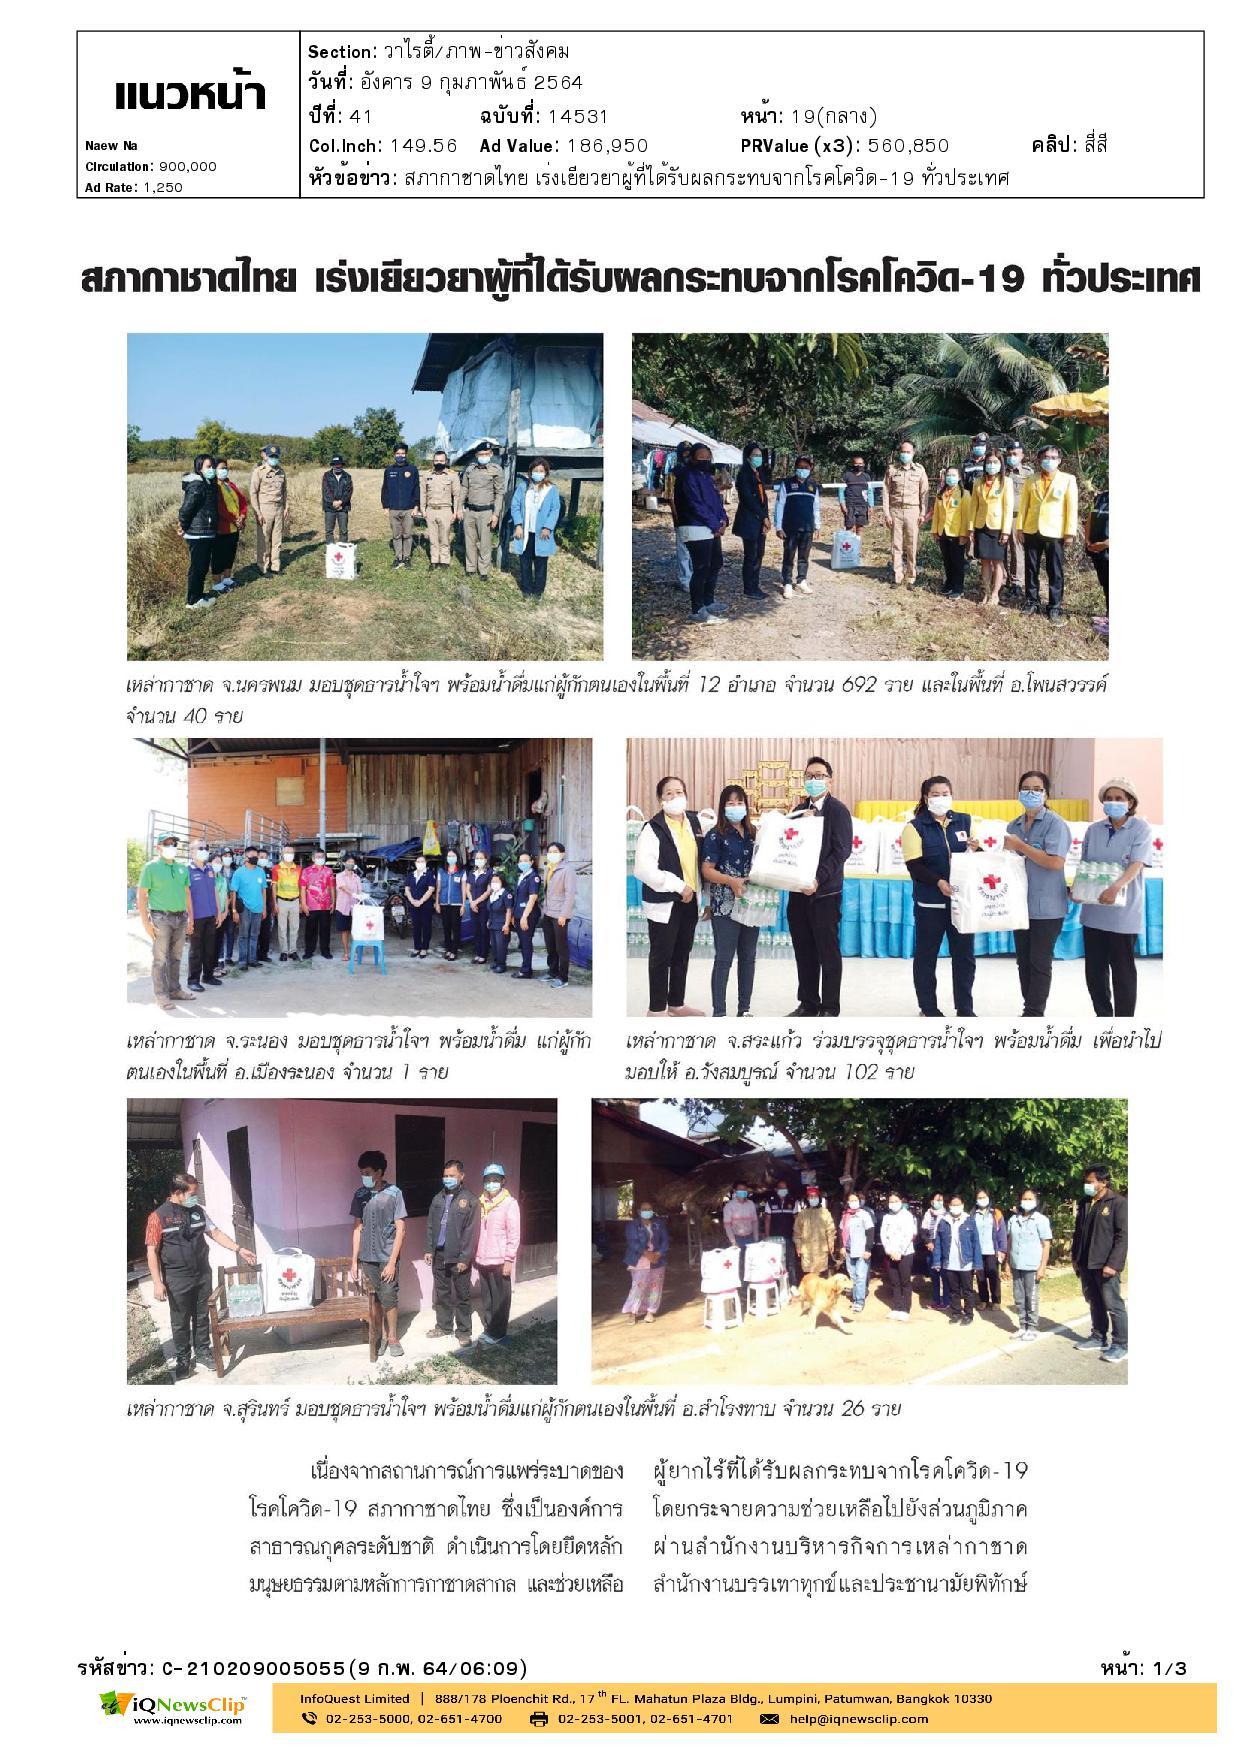 สภากาชาดไทย เร่งเยียวยาผู้ที่ได้รับผลกระทบจากโรคโควิด-19  ทั่วประเทศ